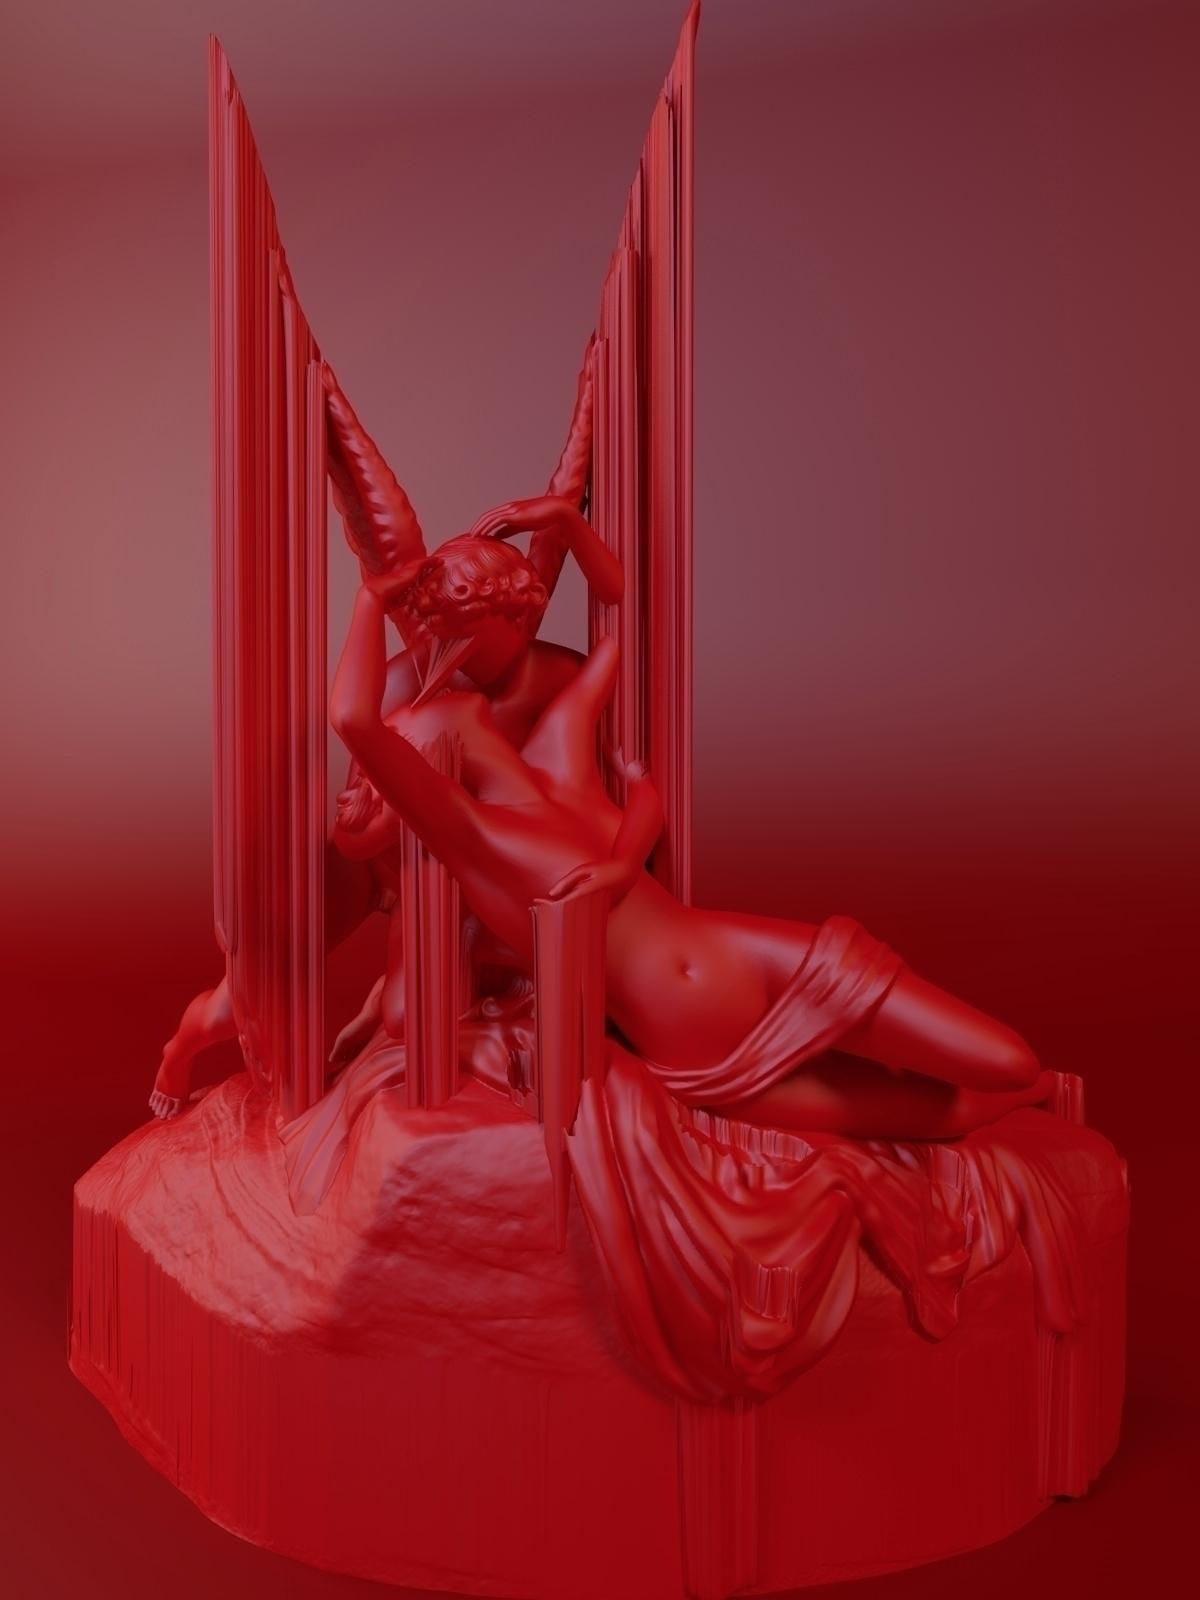 Cupid Psyche 2017 media called  - luisagolden | ello